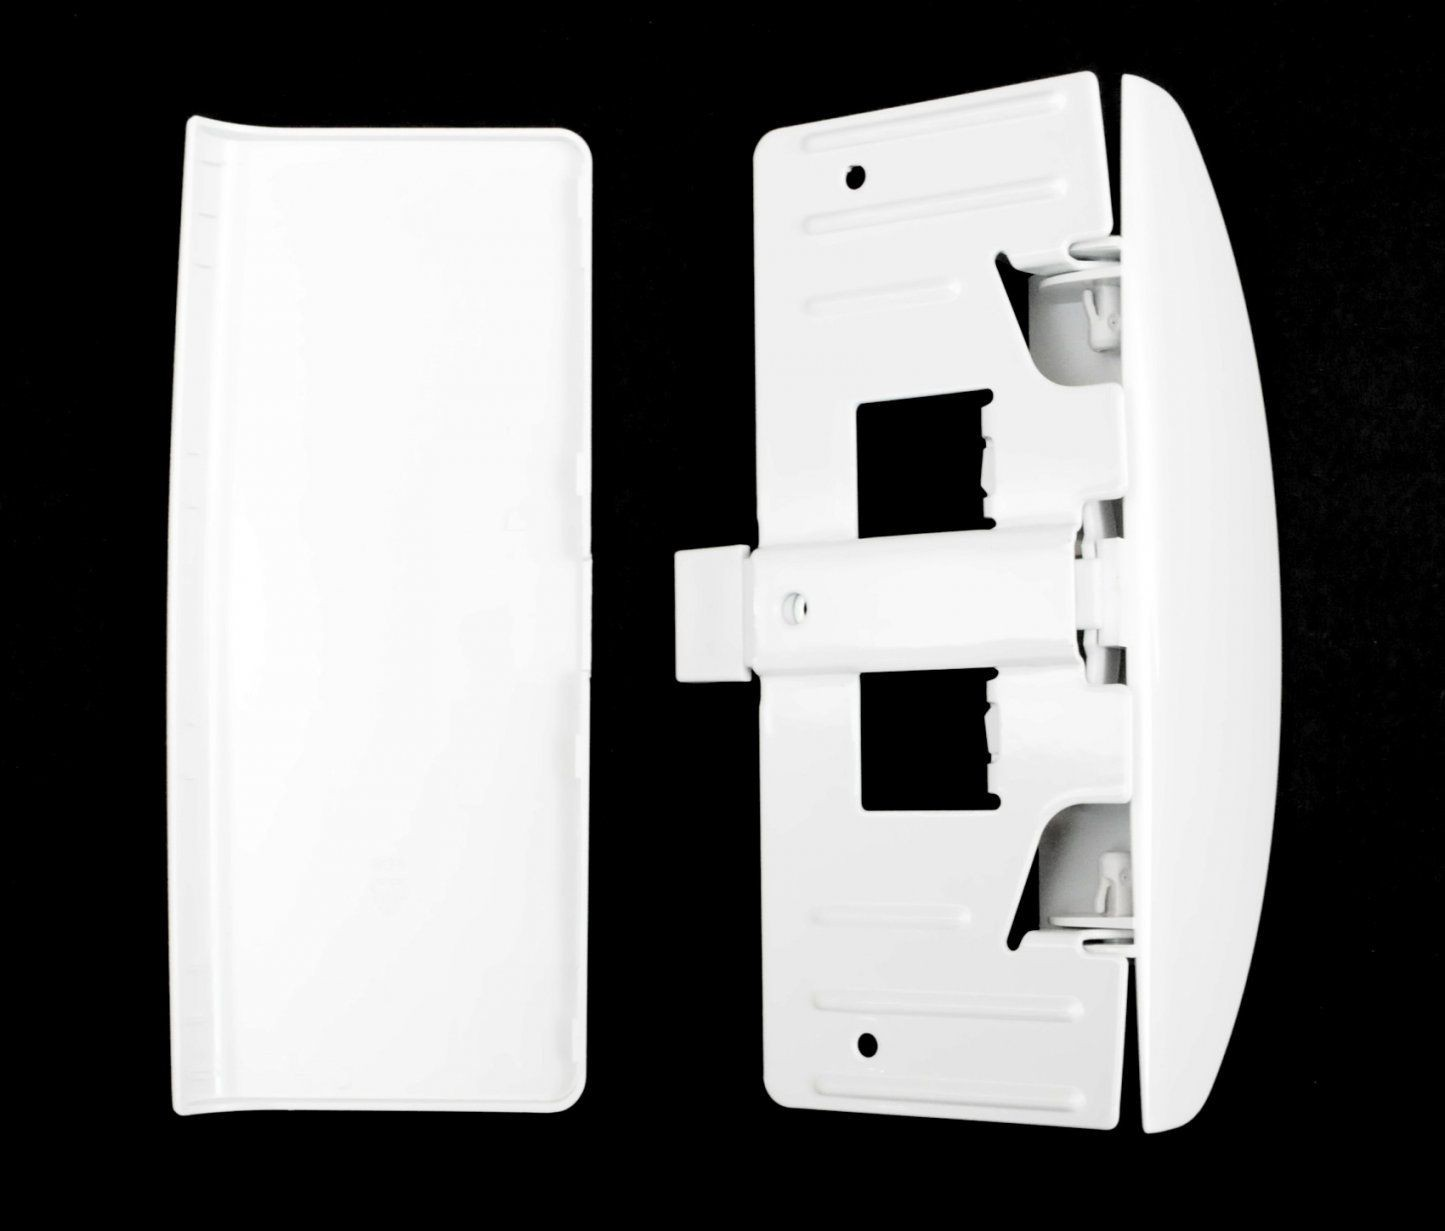 Liebherr Kühlschrank Tür Griff Kipp Hebel Softline 7042614 Origi von Ersatzteile Für Liebherr Kühlschrank Bild